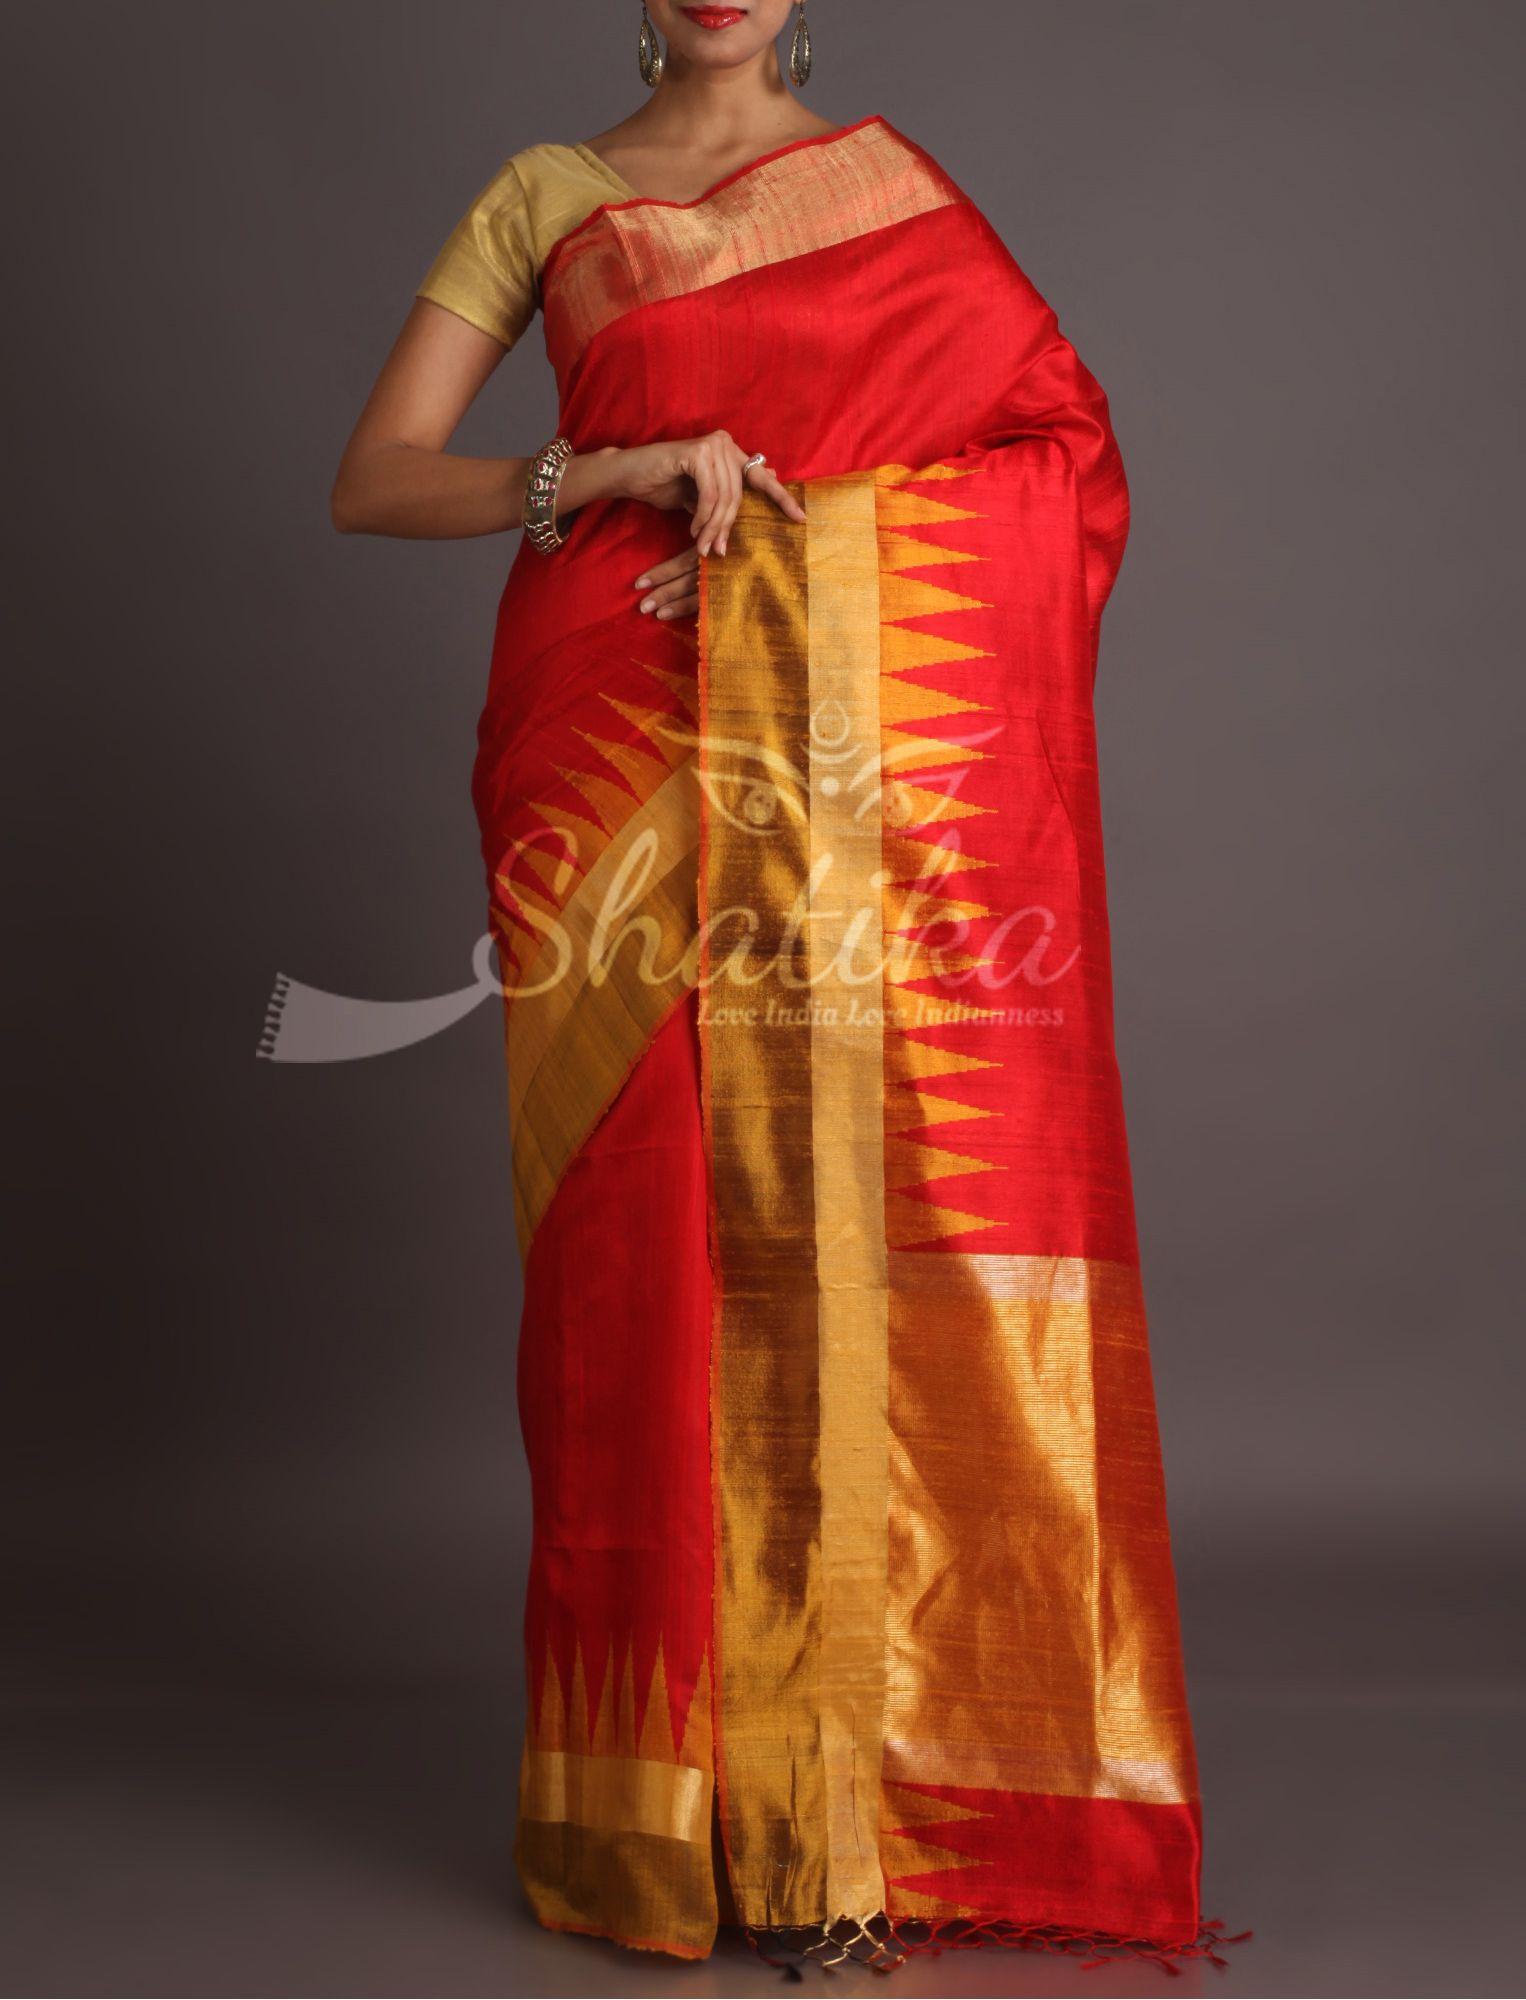 ff798c975f Roshni Bold Red With Golden Temple Border Pure Gicha Silk Saree ...